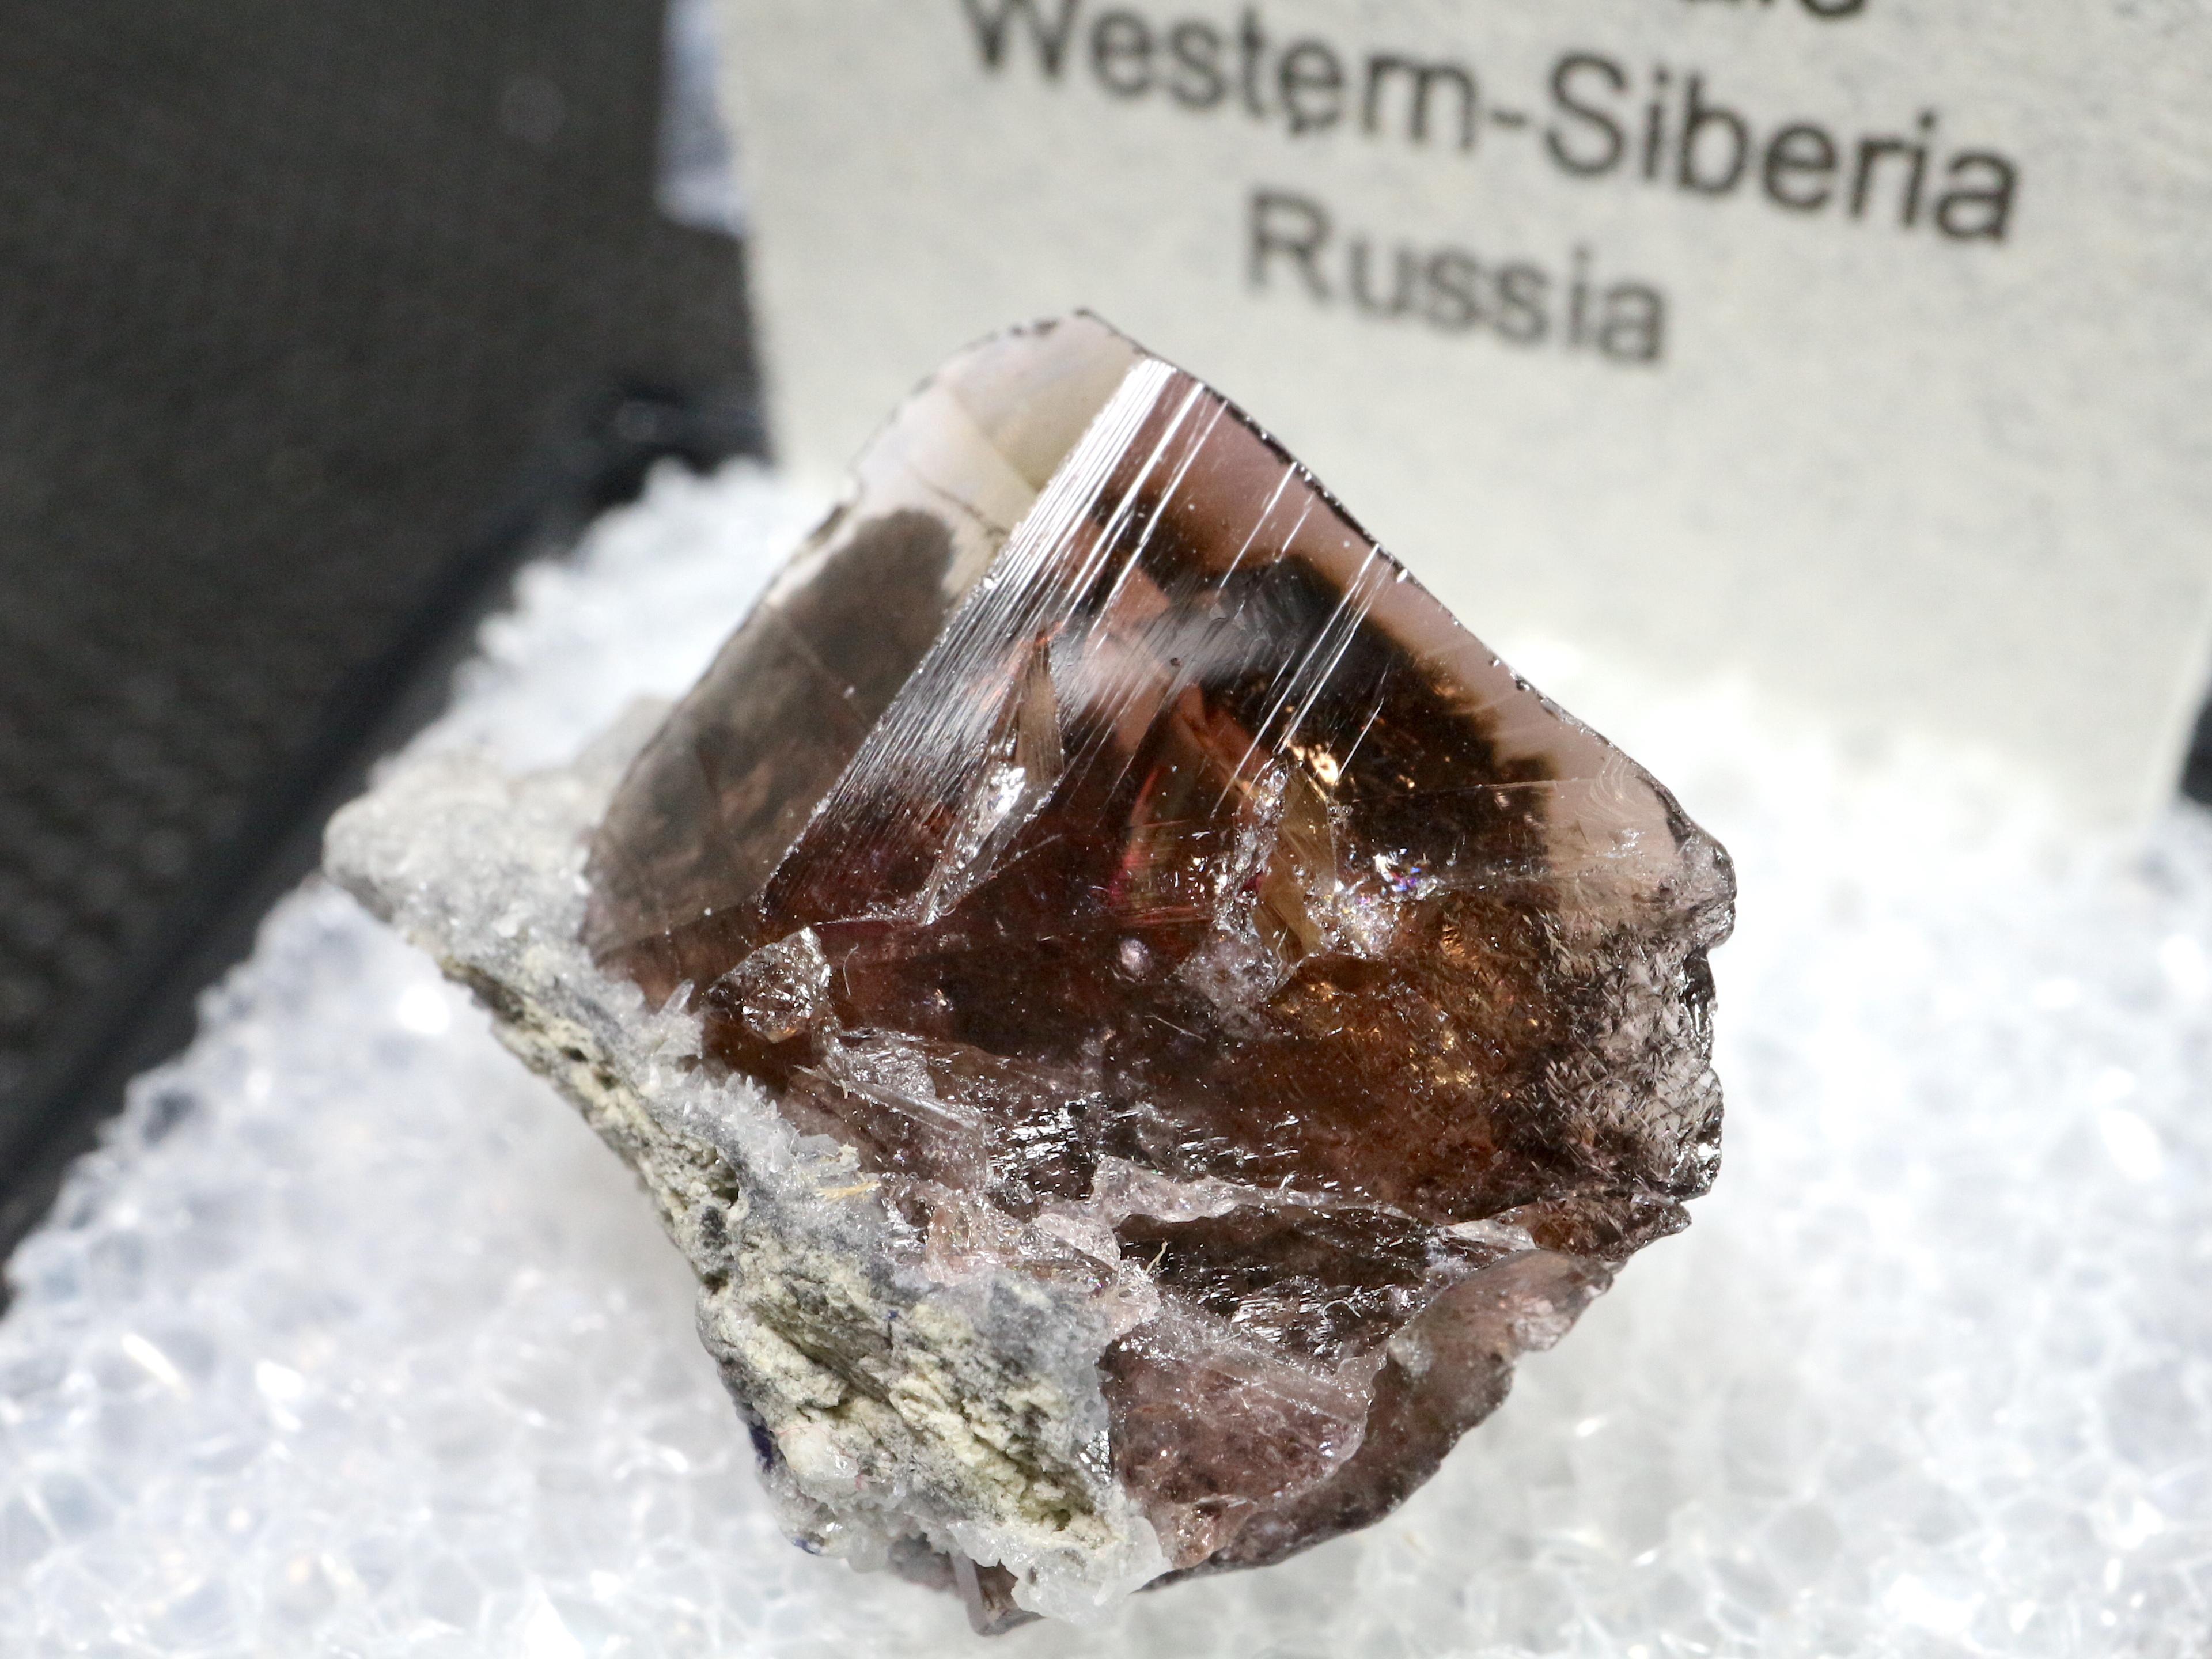 ロシア産 アキシナイト Axinite 斧石 Fer004  ケース入り 鉱物 原石 天然石 パワーストーン